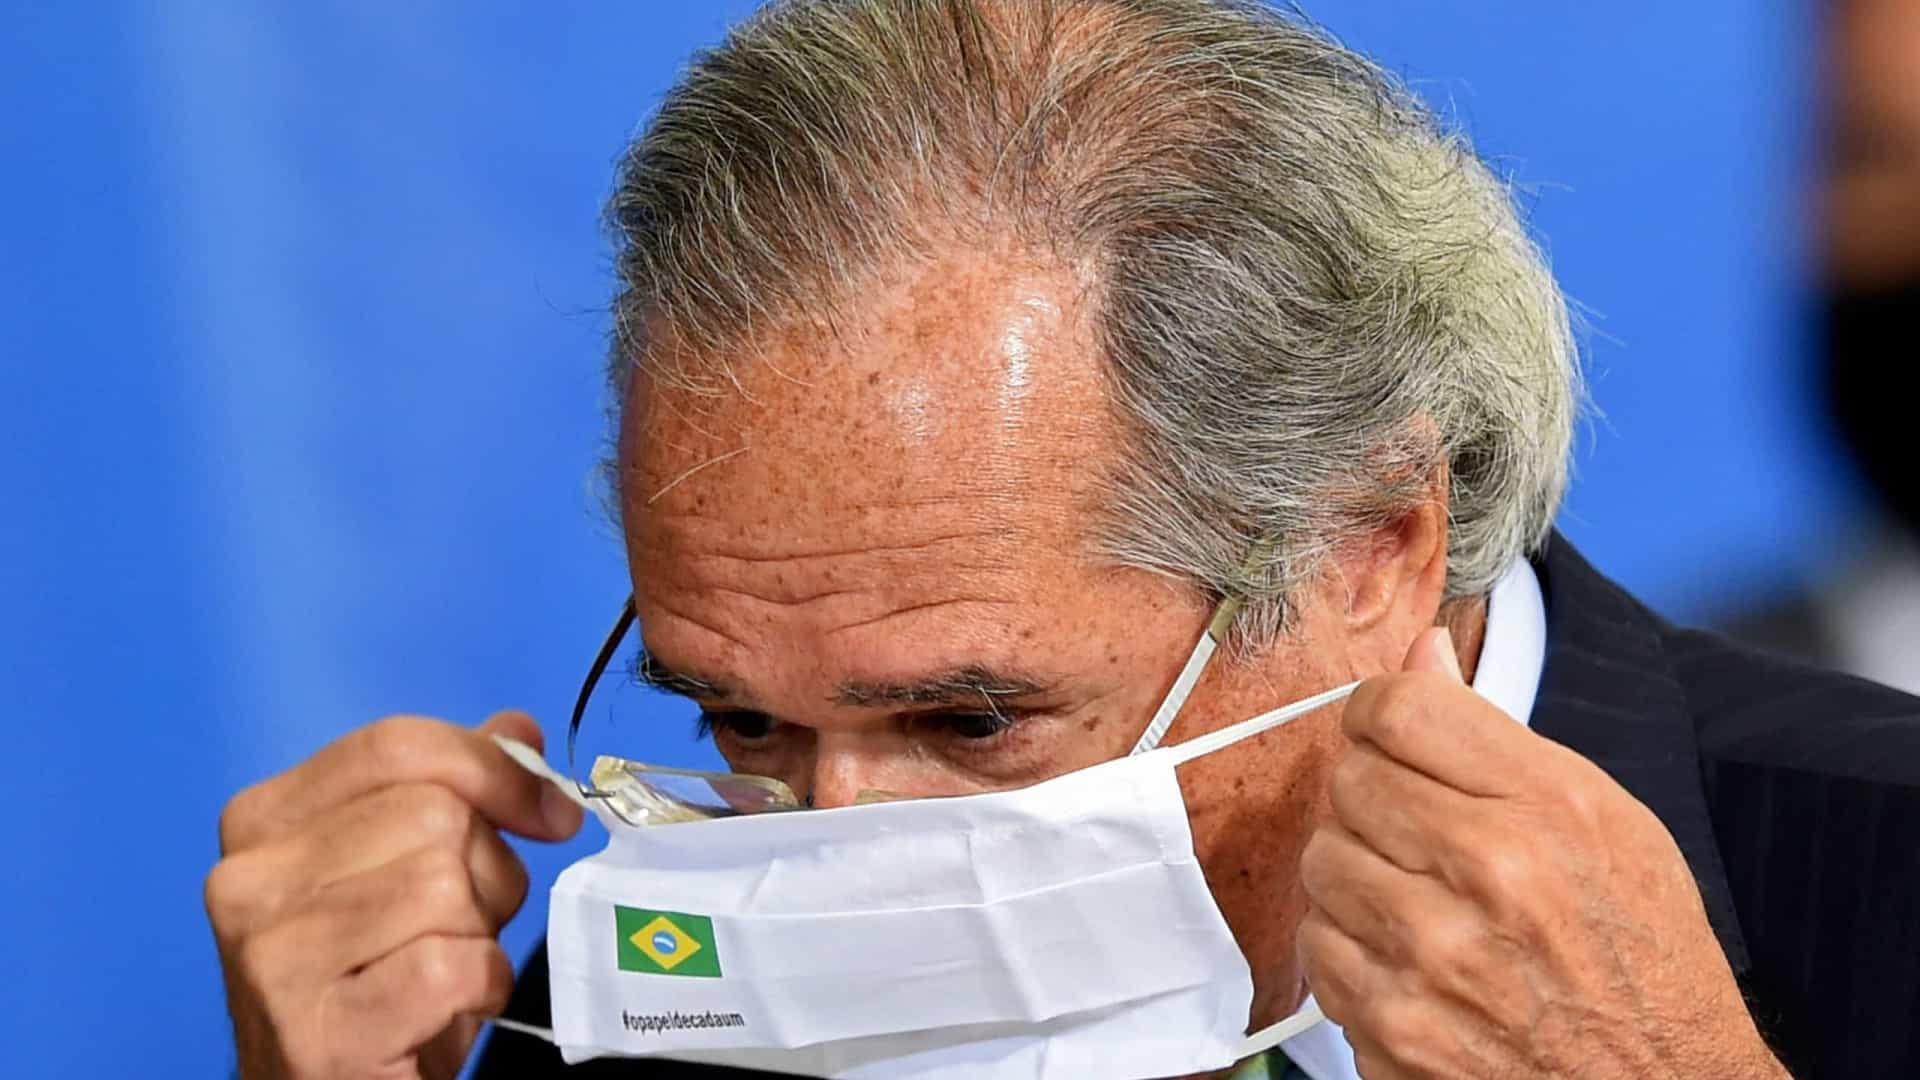 naom 60890f7049aa4 - Denúncias de corrupção em compra de vacinas ameaçam reformas e preocupam Guedes